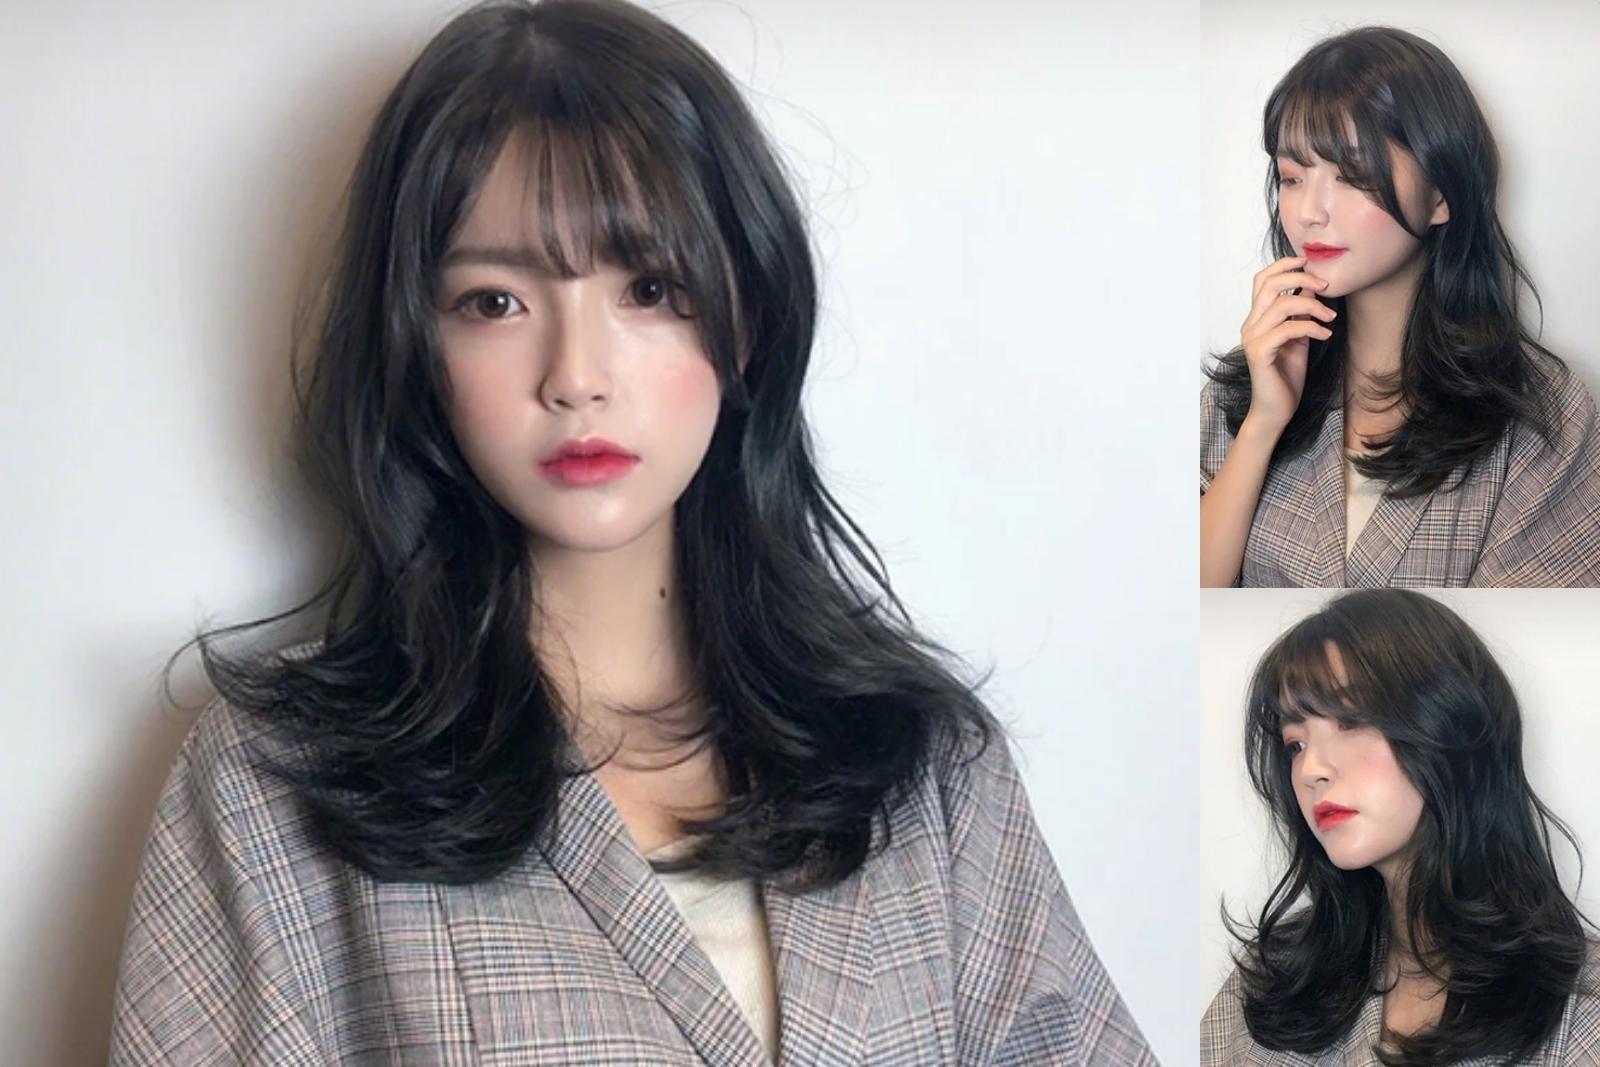 2019年女生的流行发型有哪些?图片